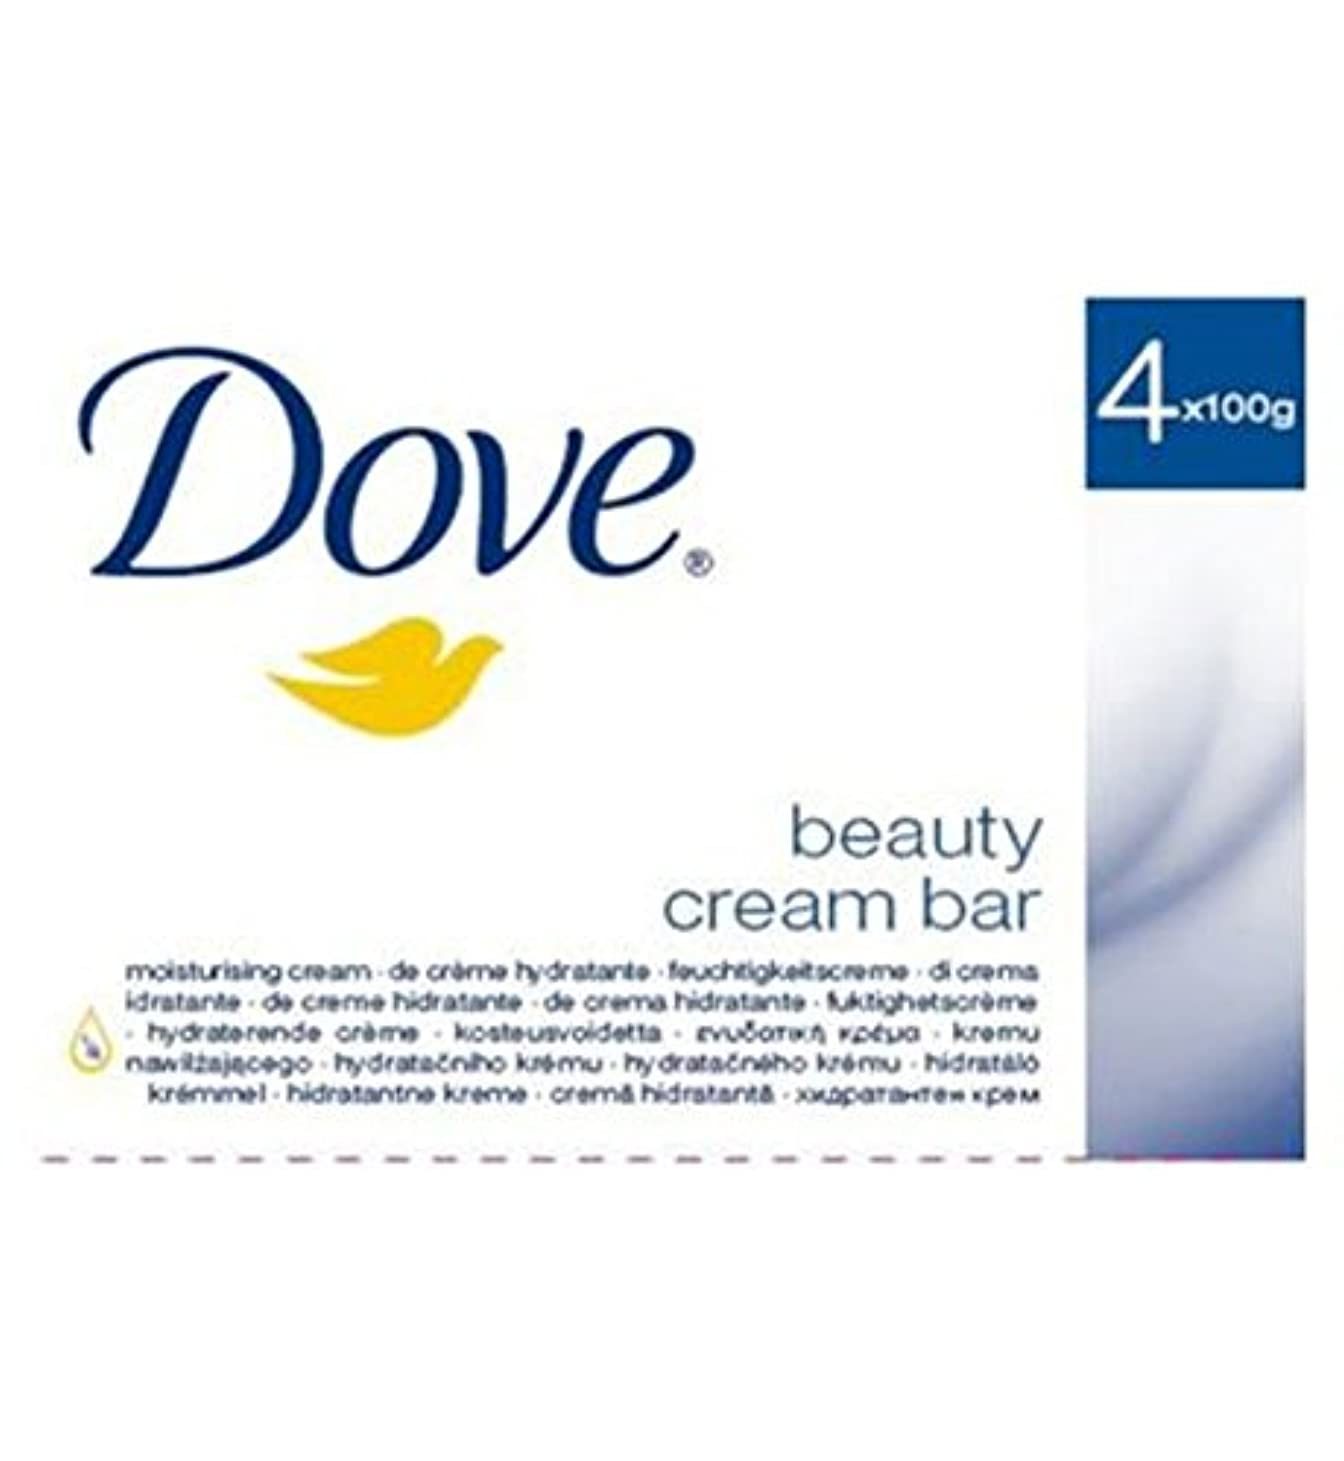 ねじれまたはどちらかベットDove Original Beauty Cream Bar 4 x 100g - 鳩元の美しさのクリームバー4のX 100グラム (Dove) [並行輸入品]